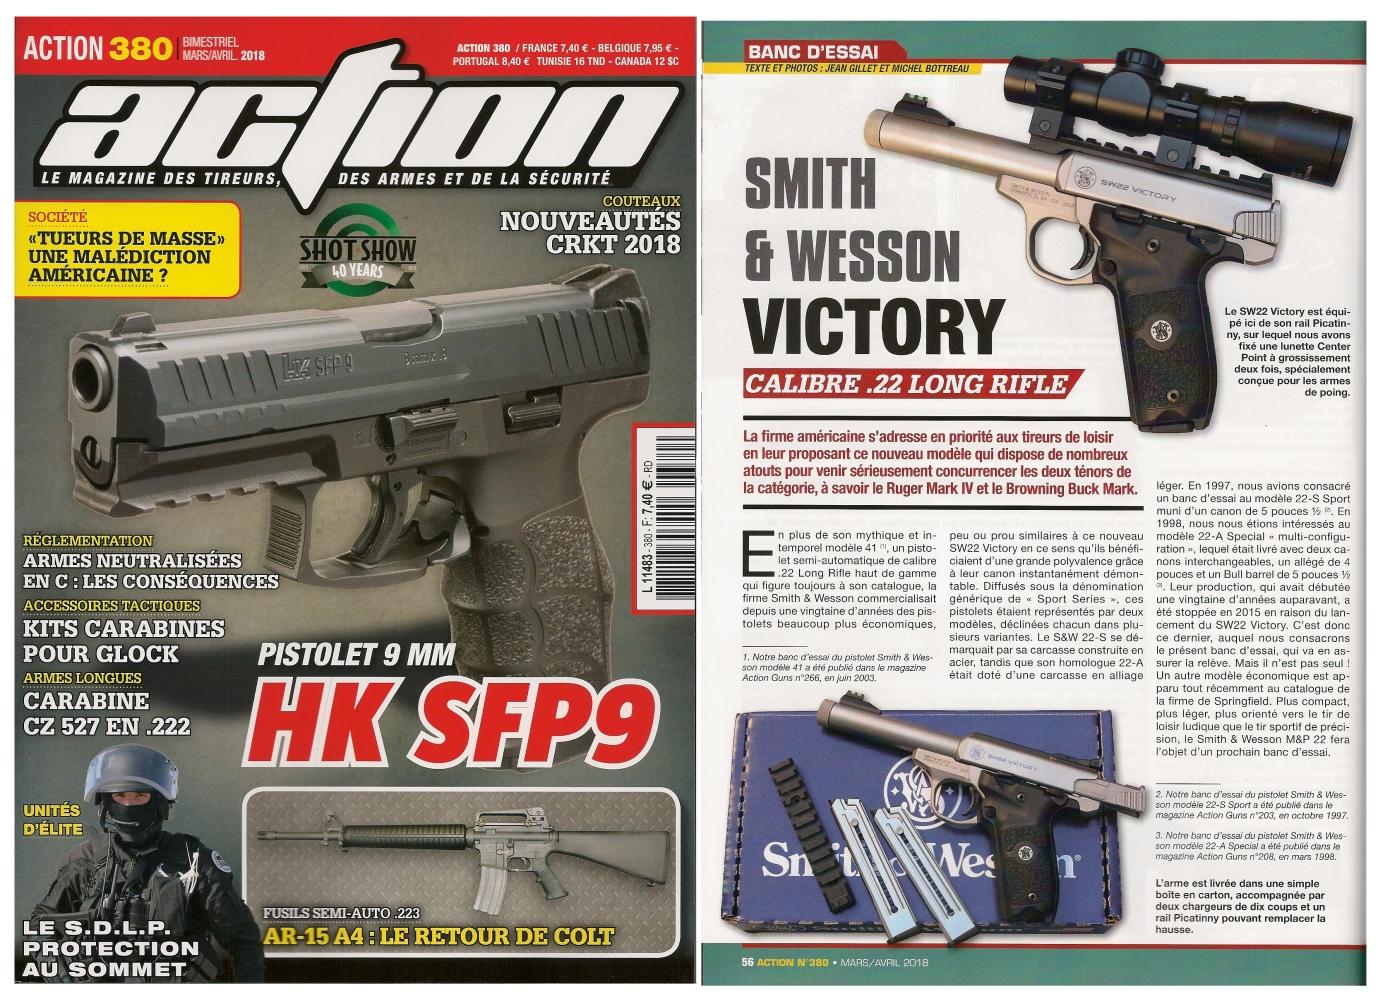 Le banc d'essai du pistolet Smith & Wesson SW22 Victory a été publié sur 6 pages dans le magazine Action n° 380 (mars/avril 2018).